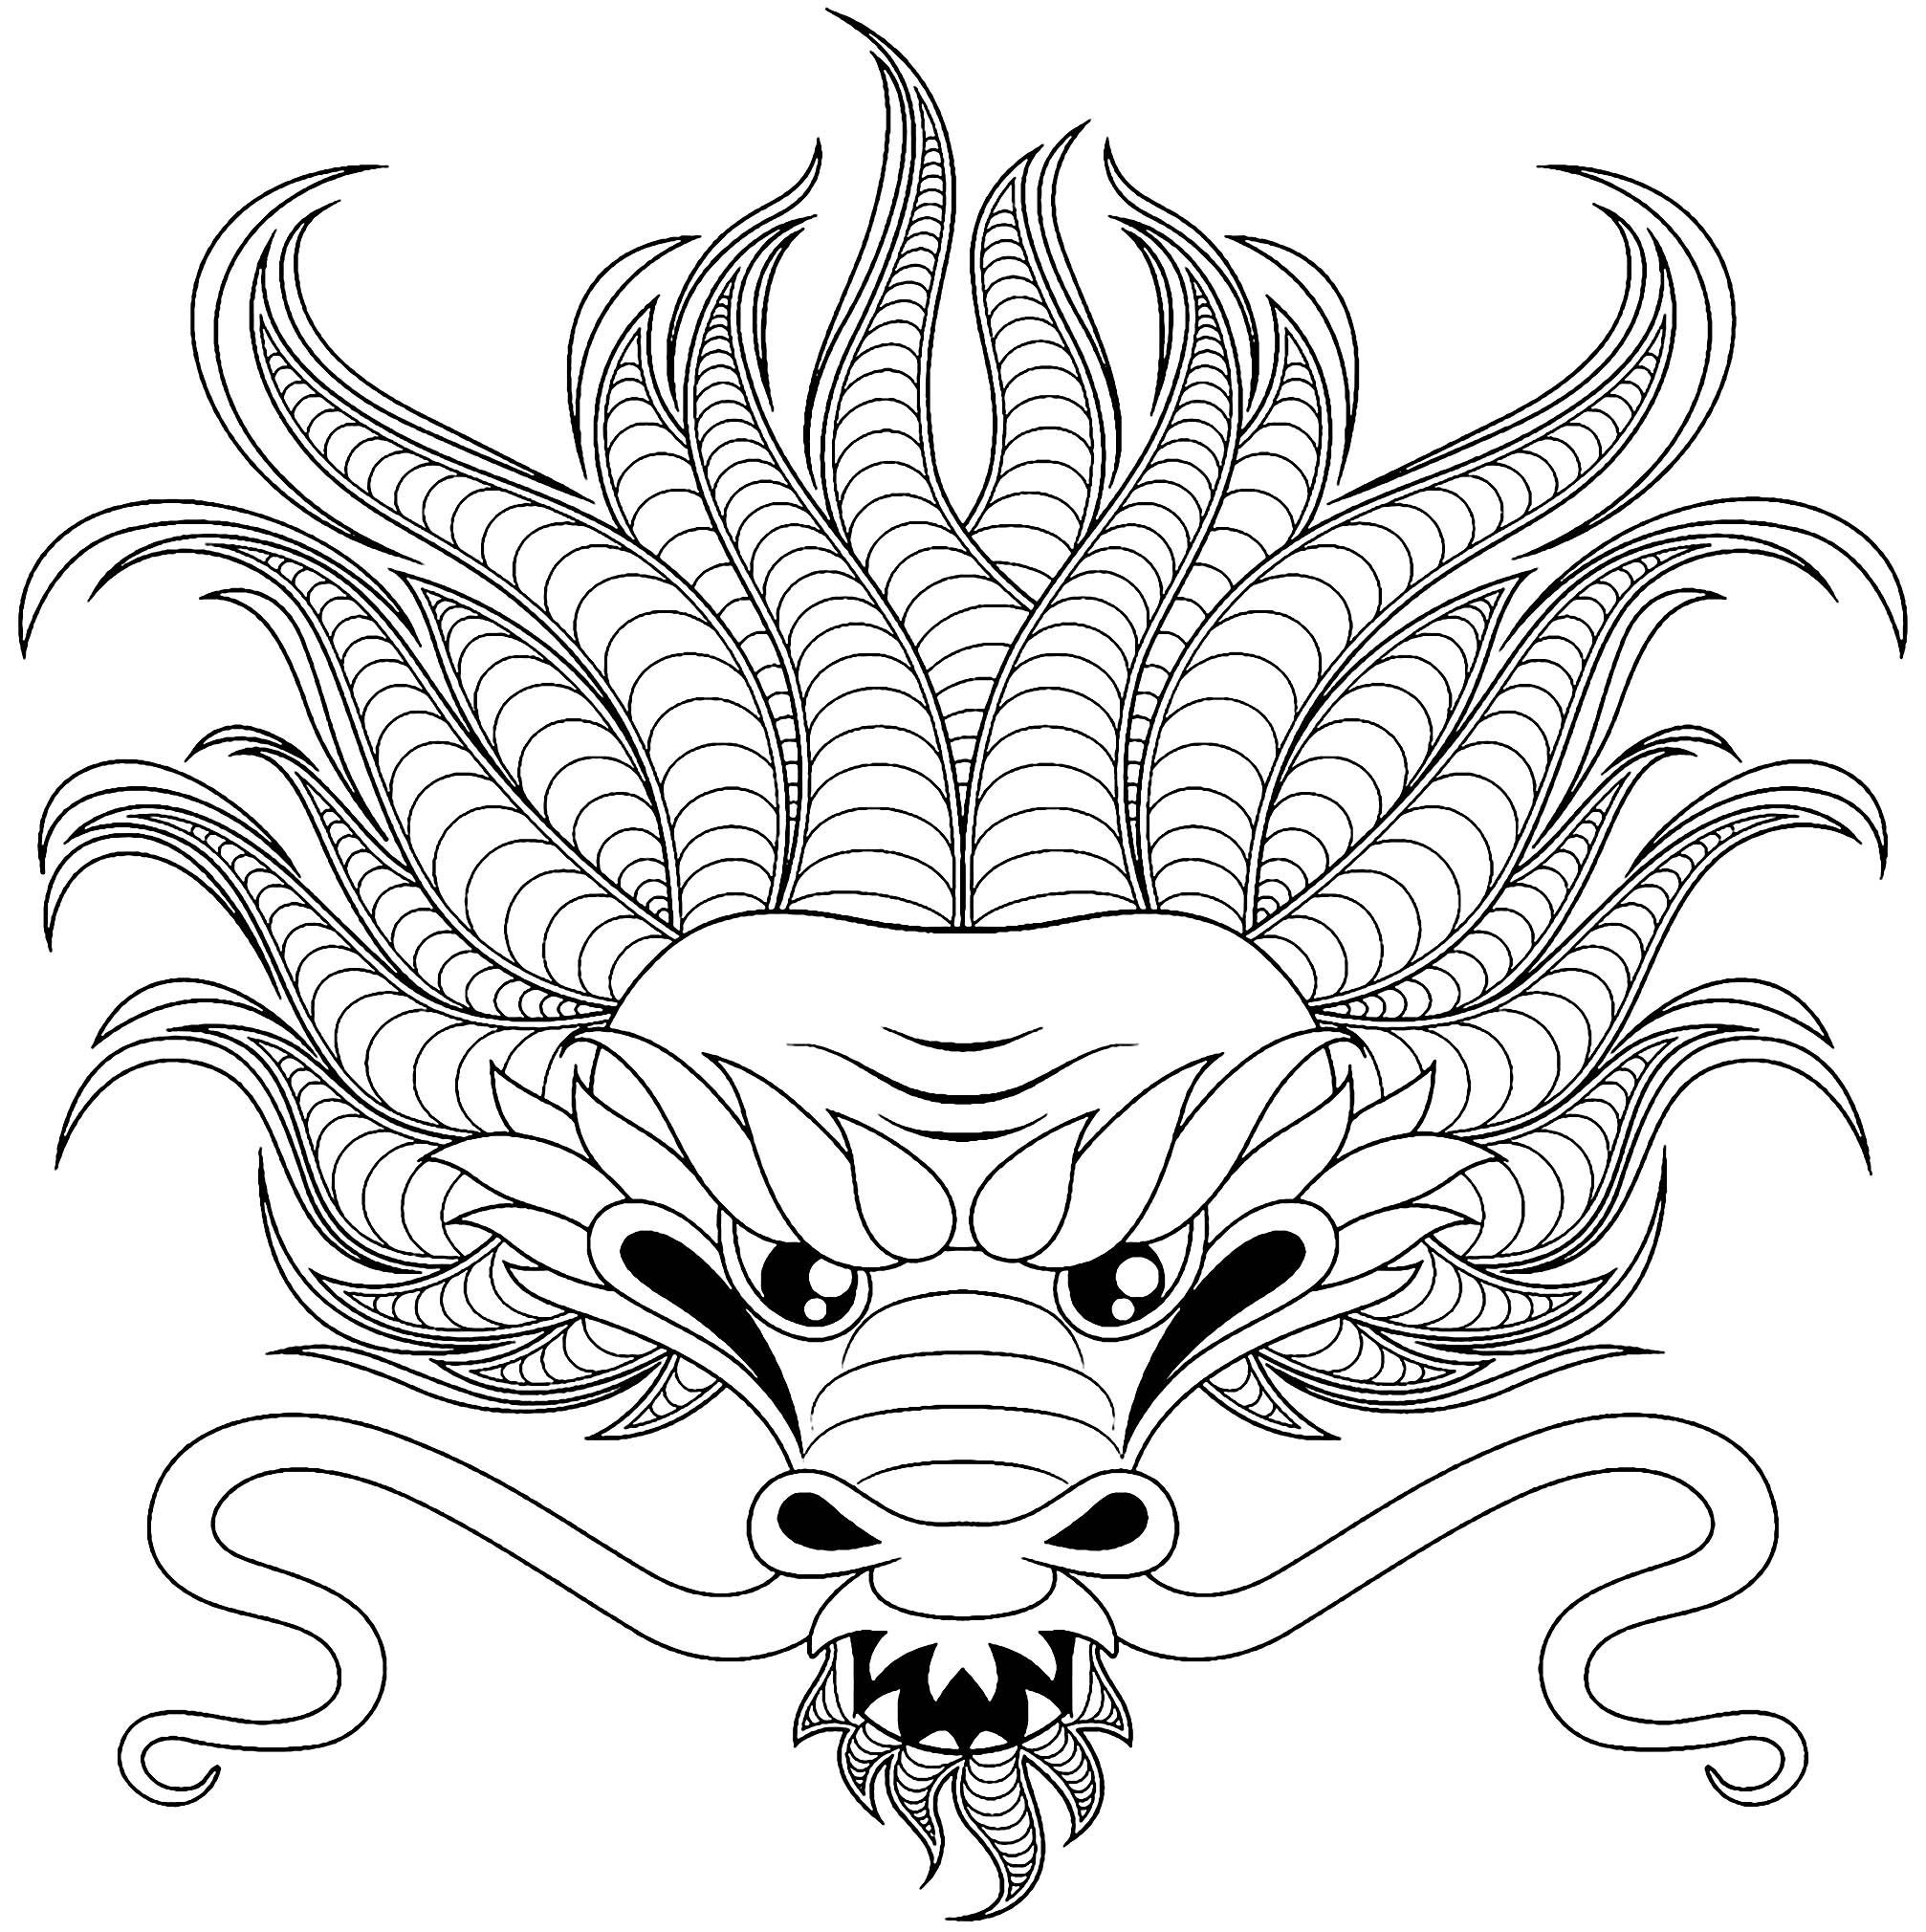 Drachen 30334 - Drachen - Malbuch Fur Erwachsene